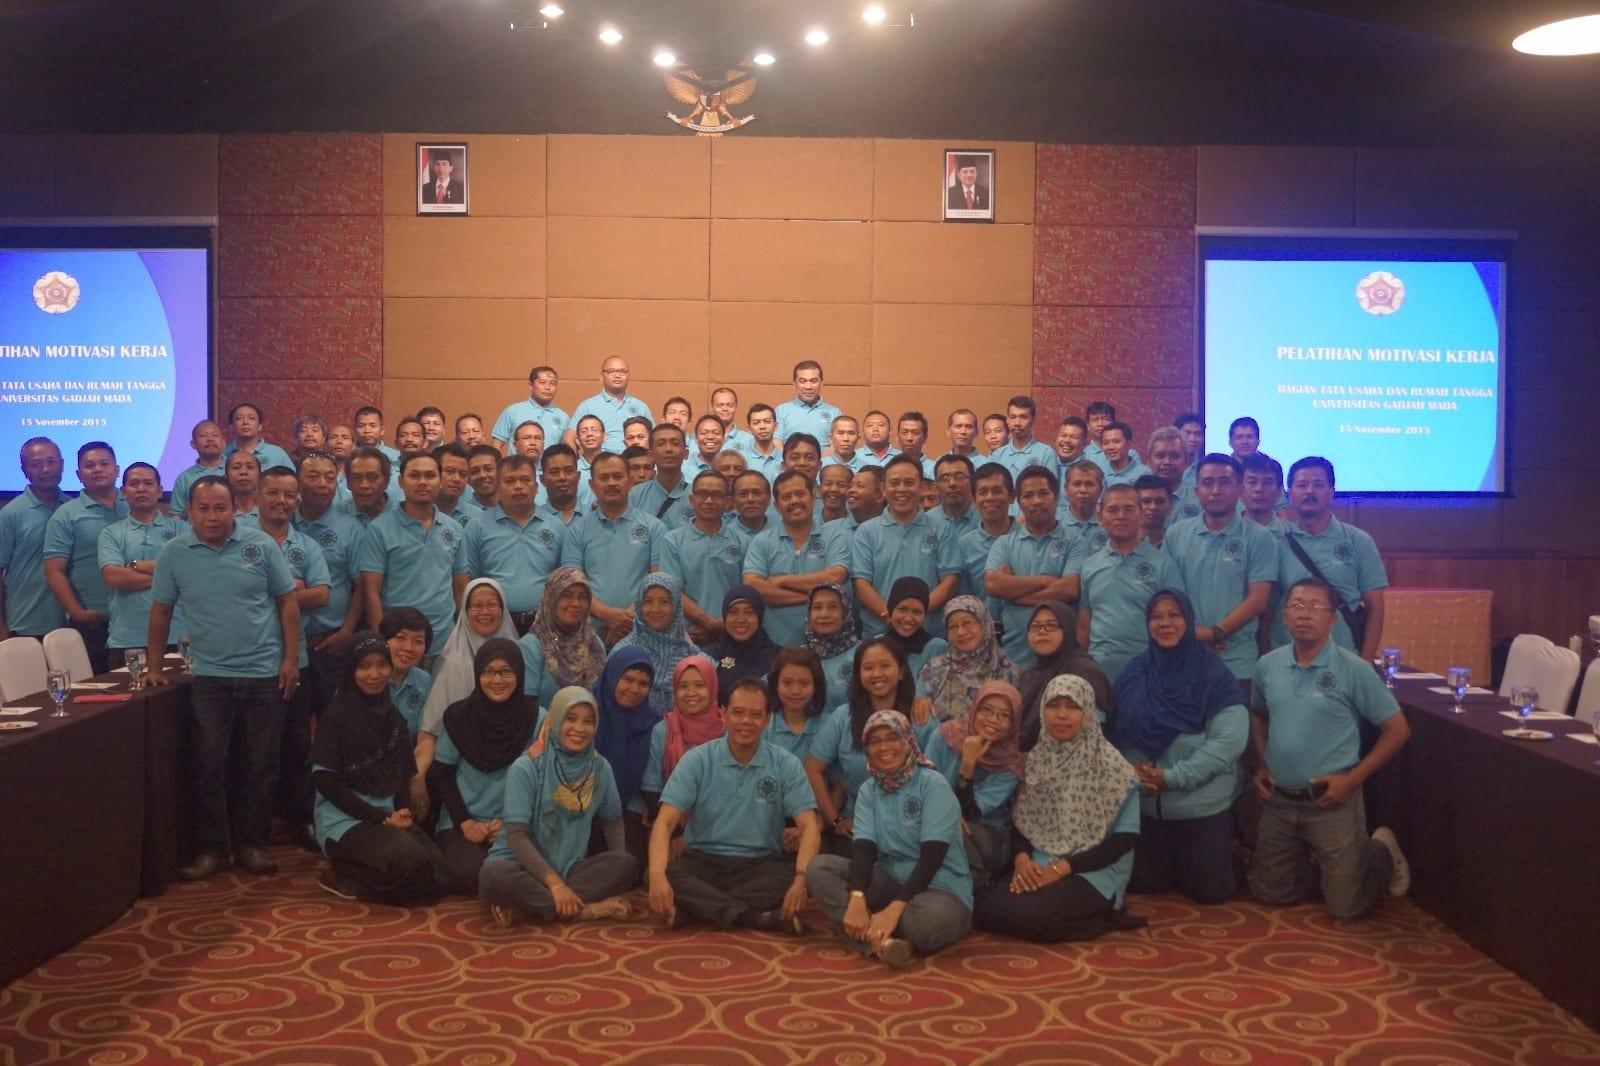 IMG-20151116-WA0001